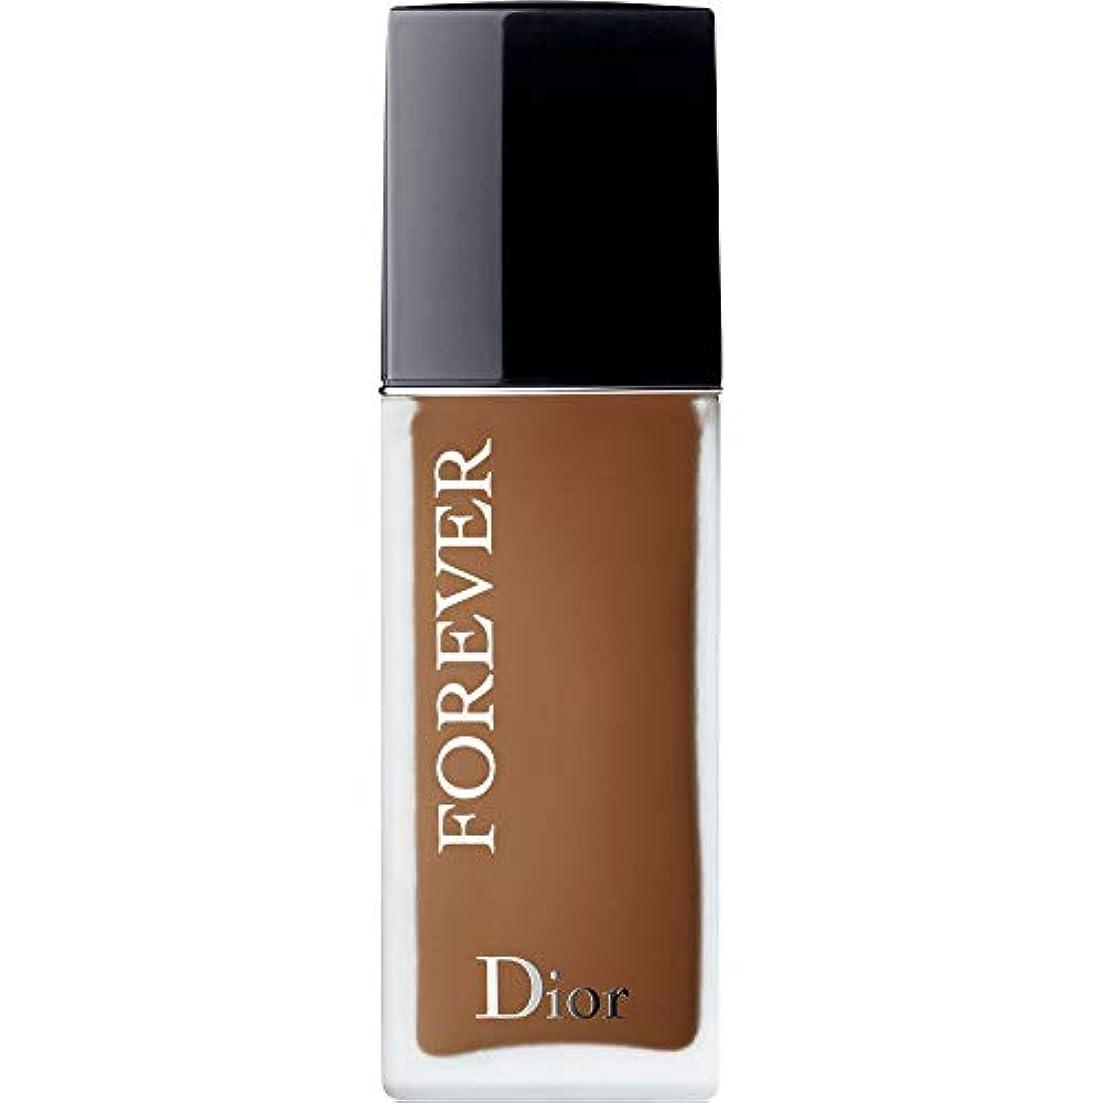 助手軍団忠実な[Dior ] ディオール永遠皮膚思いやりの基盤Spf35 30ミリリットルの7N - ニュートラル(つや消し) - DIOR Forever Skin-Caring Foundation SPF35 30ml 7N -...